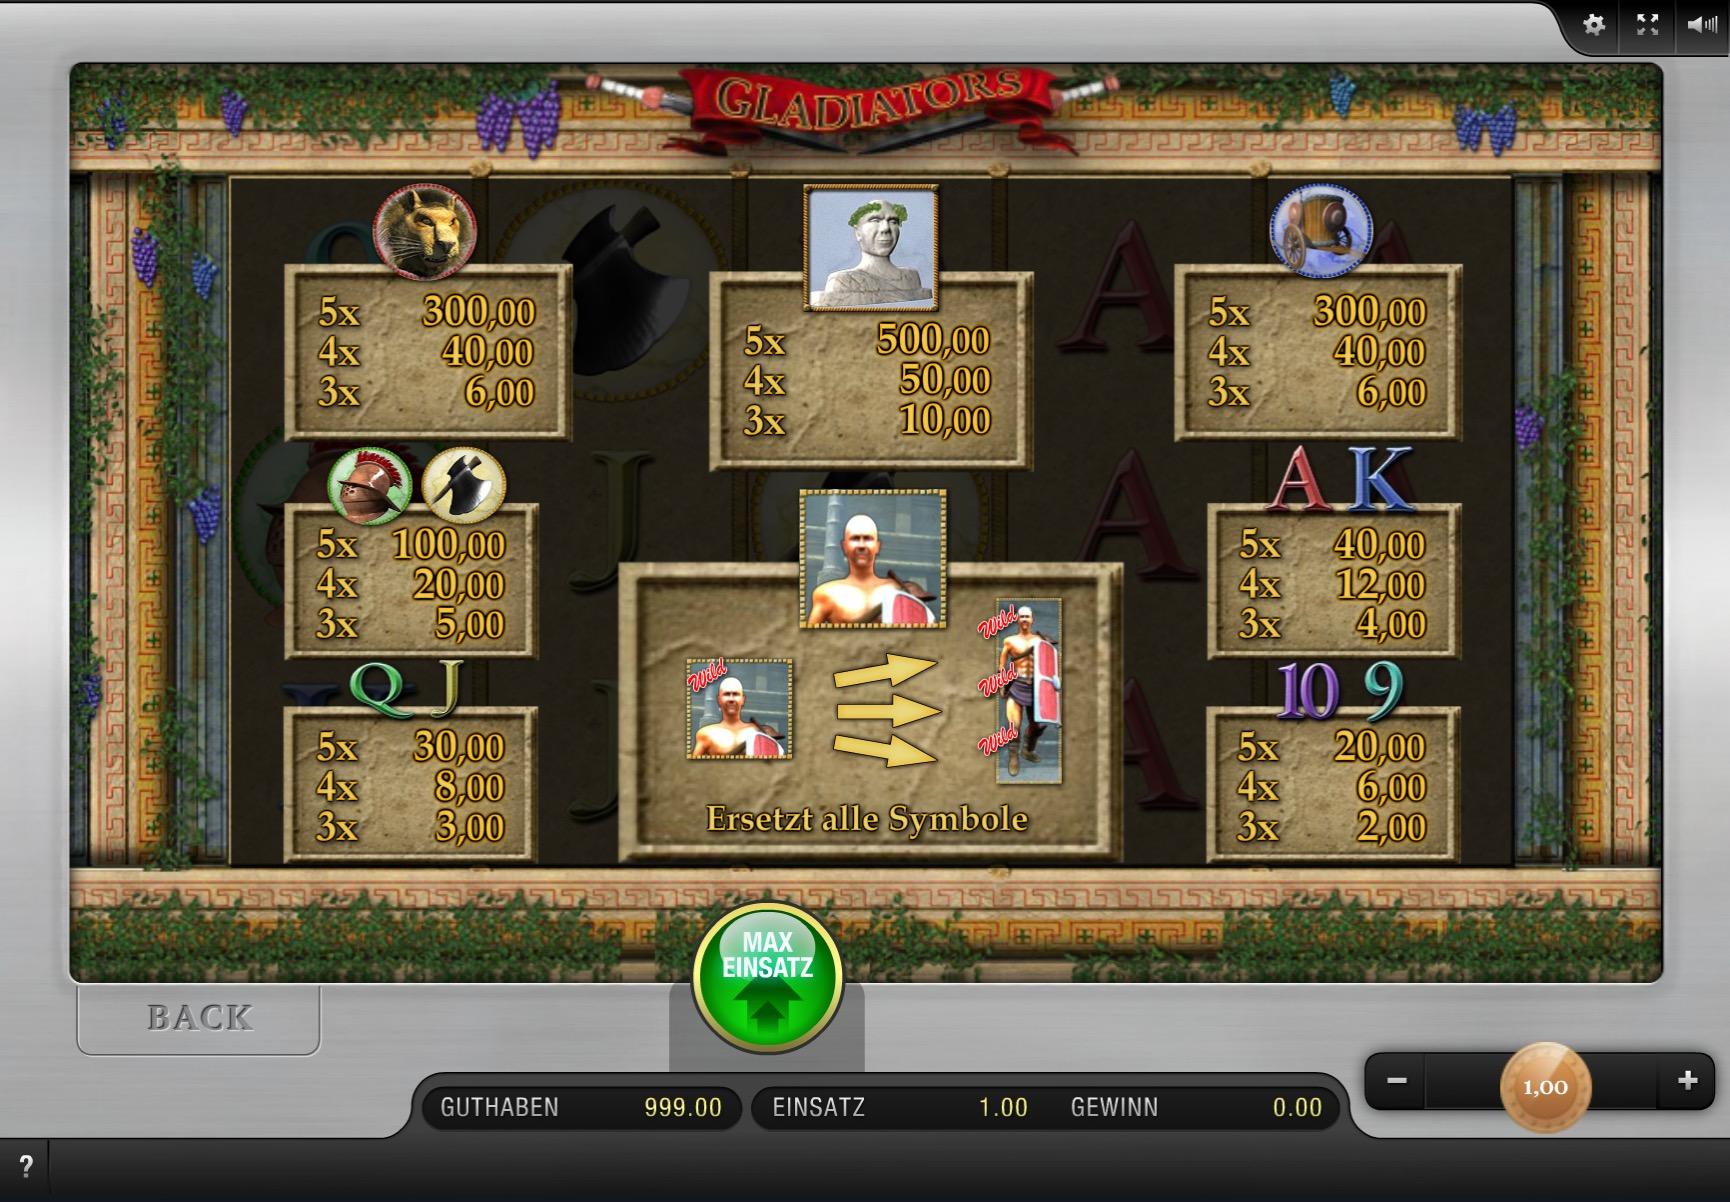 merkur online casino spielen ohne registrierung